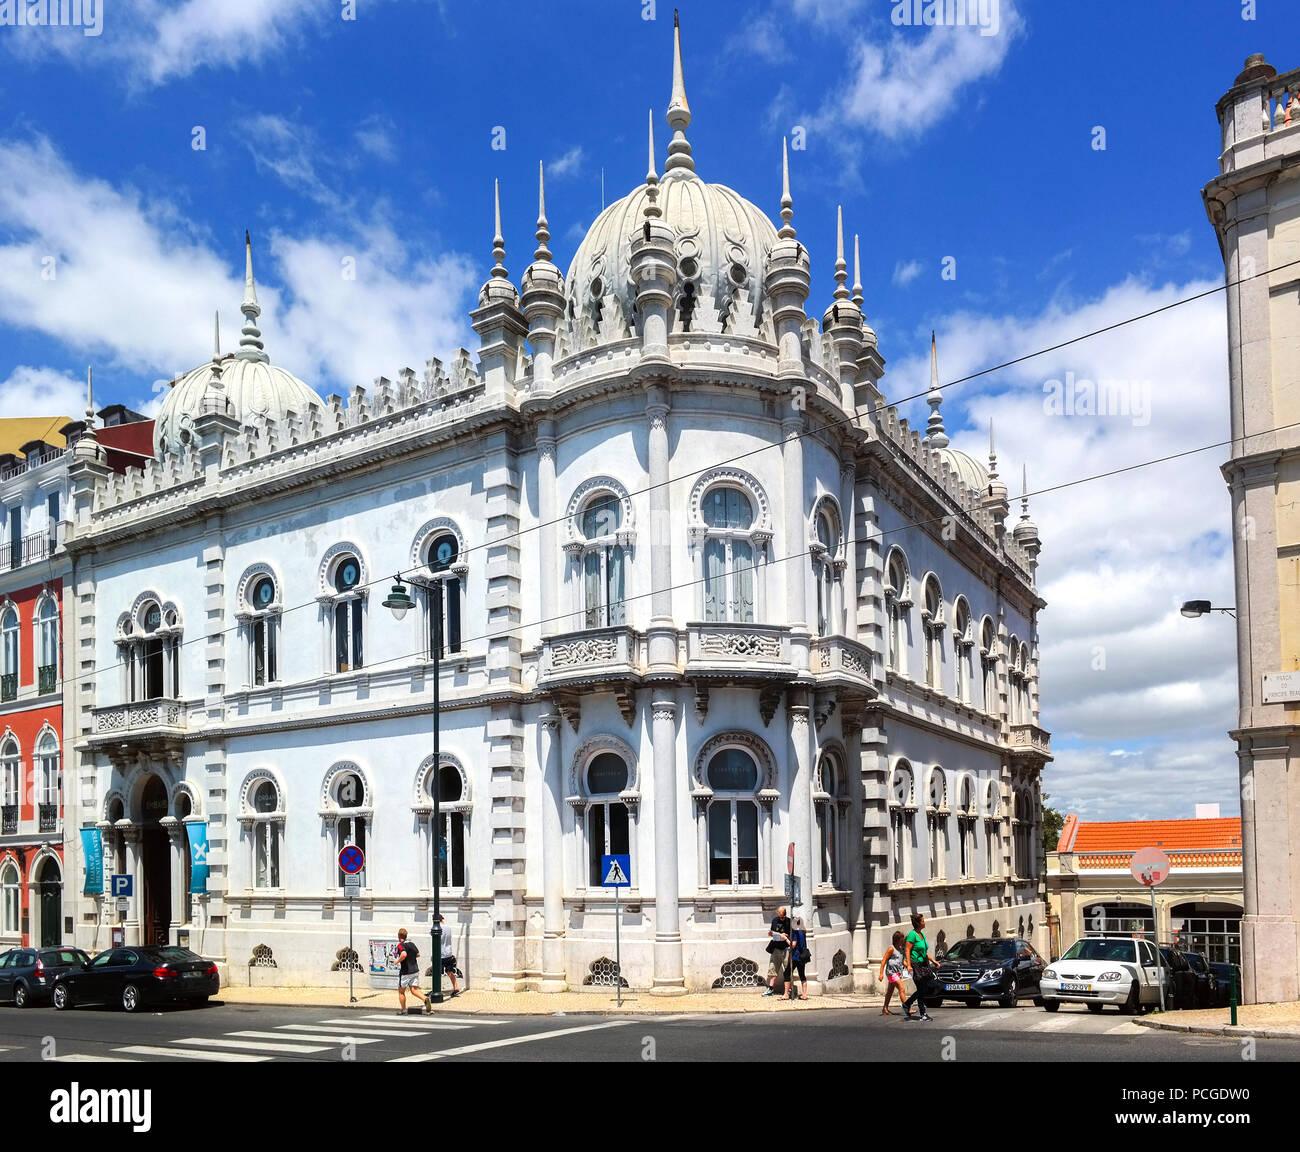 Lisboa. Tienda Concepto Embaixada, que solía ser una mansión privada. Imagen De Stock